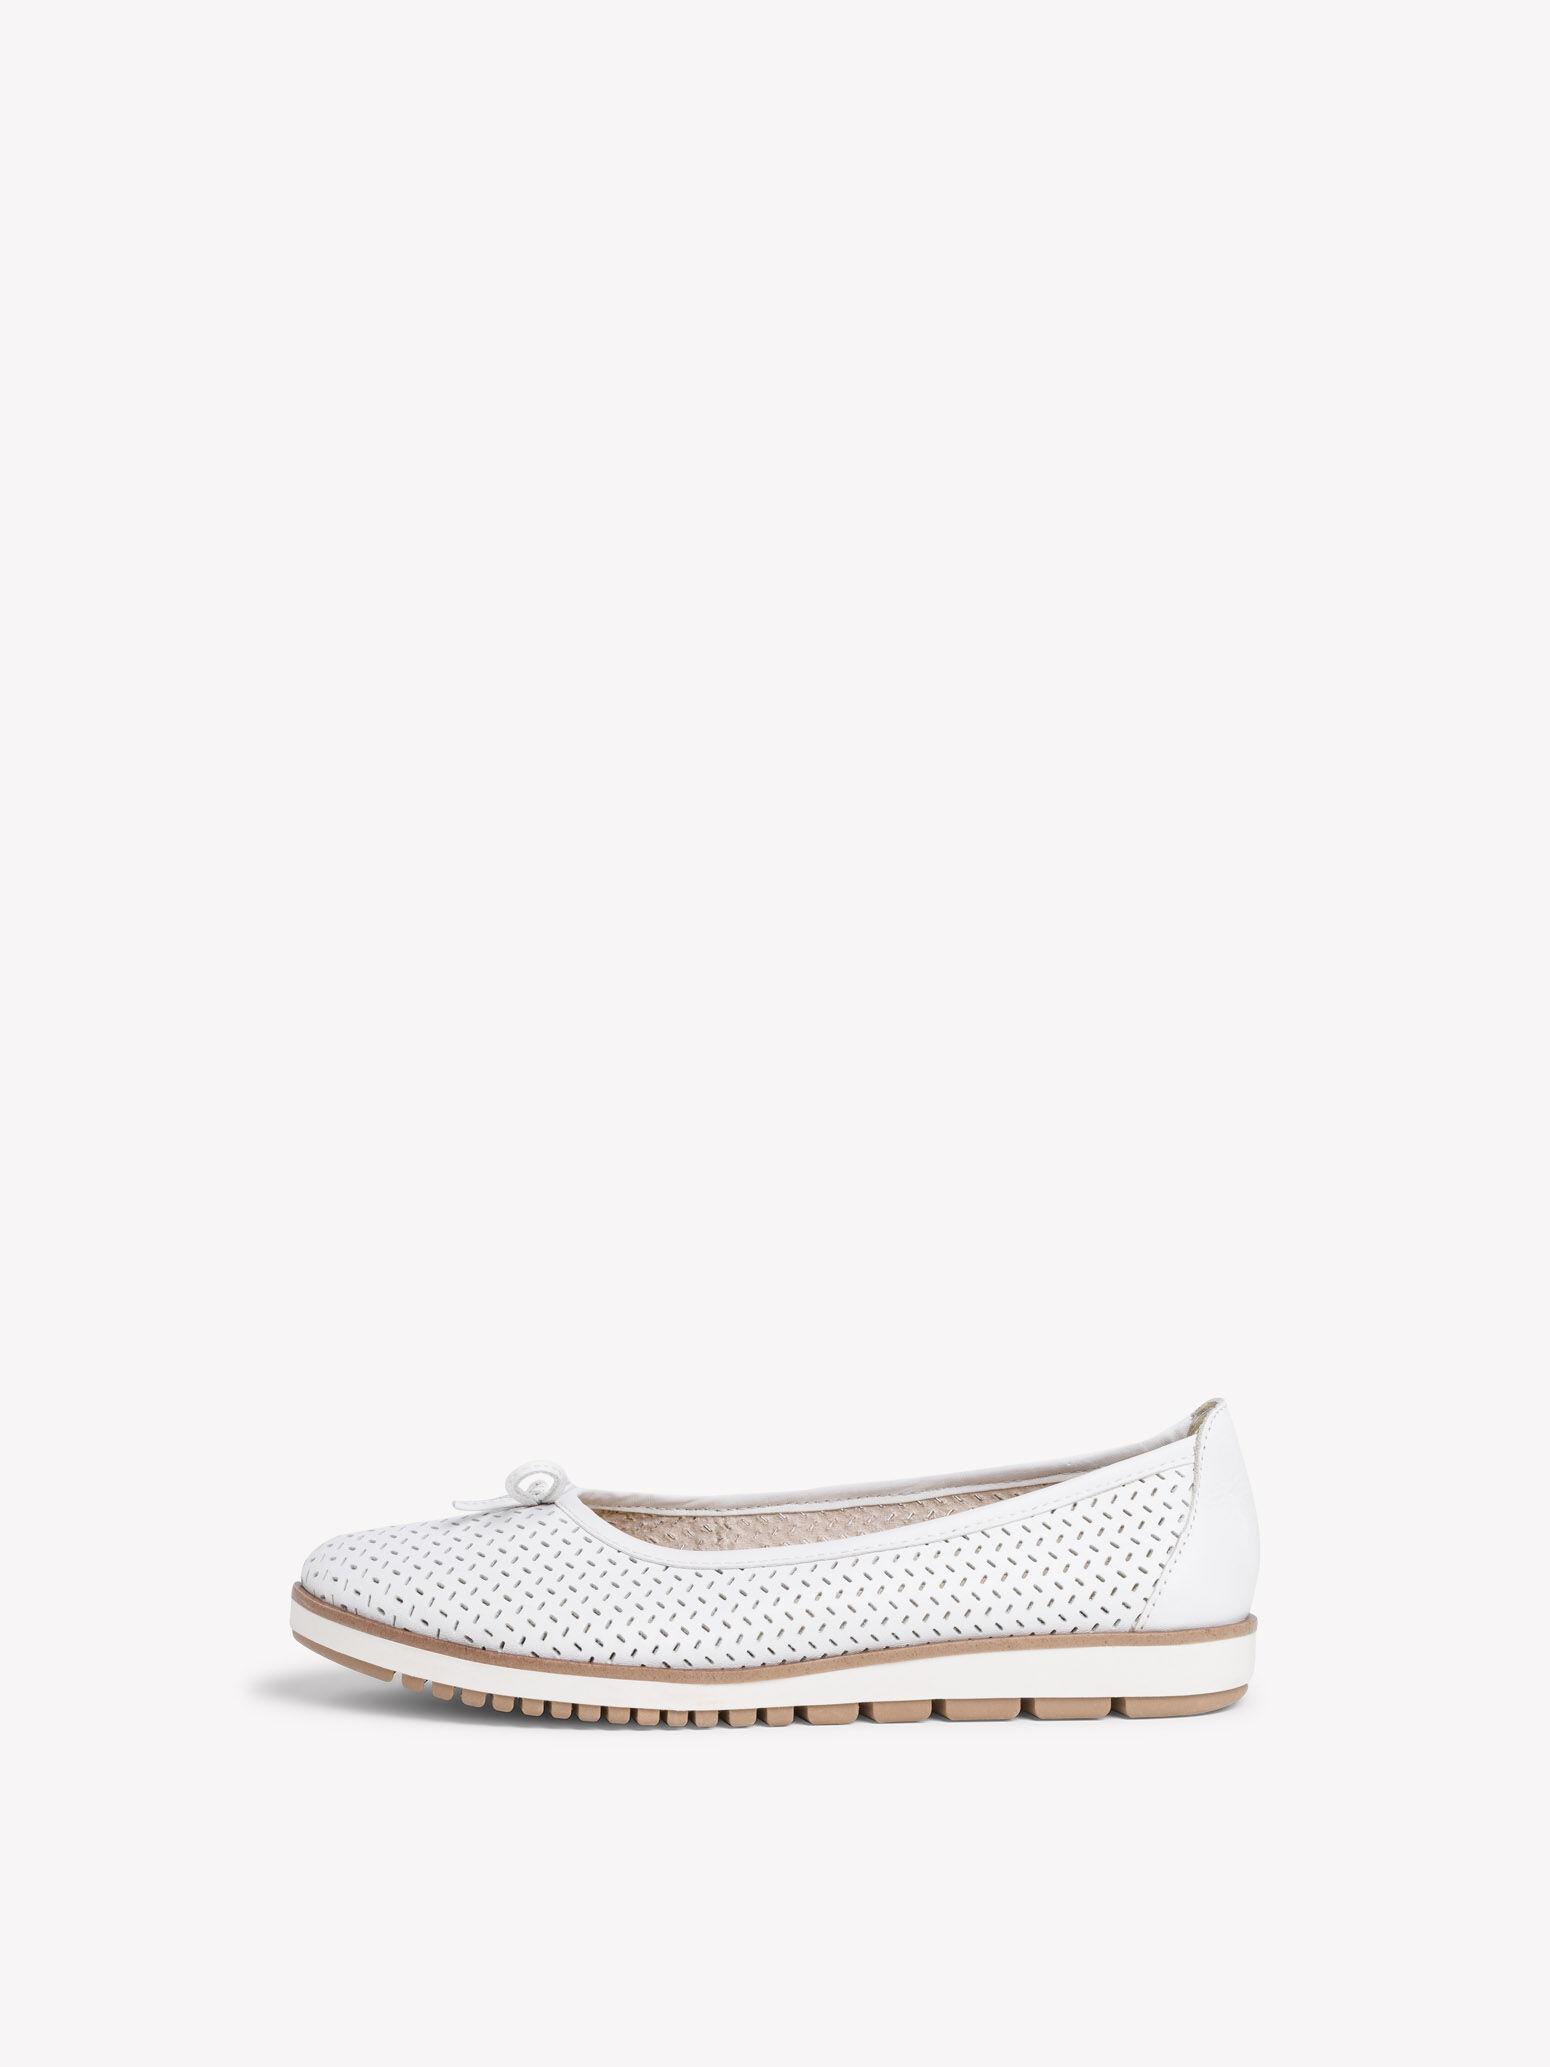 Ballerinas in weiß für Damen online kaufen Tamaris Damenschuhe